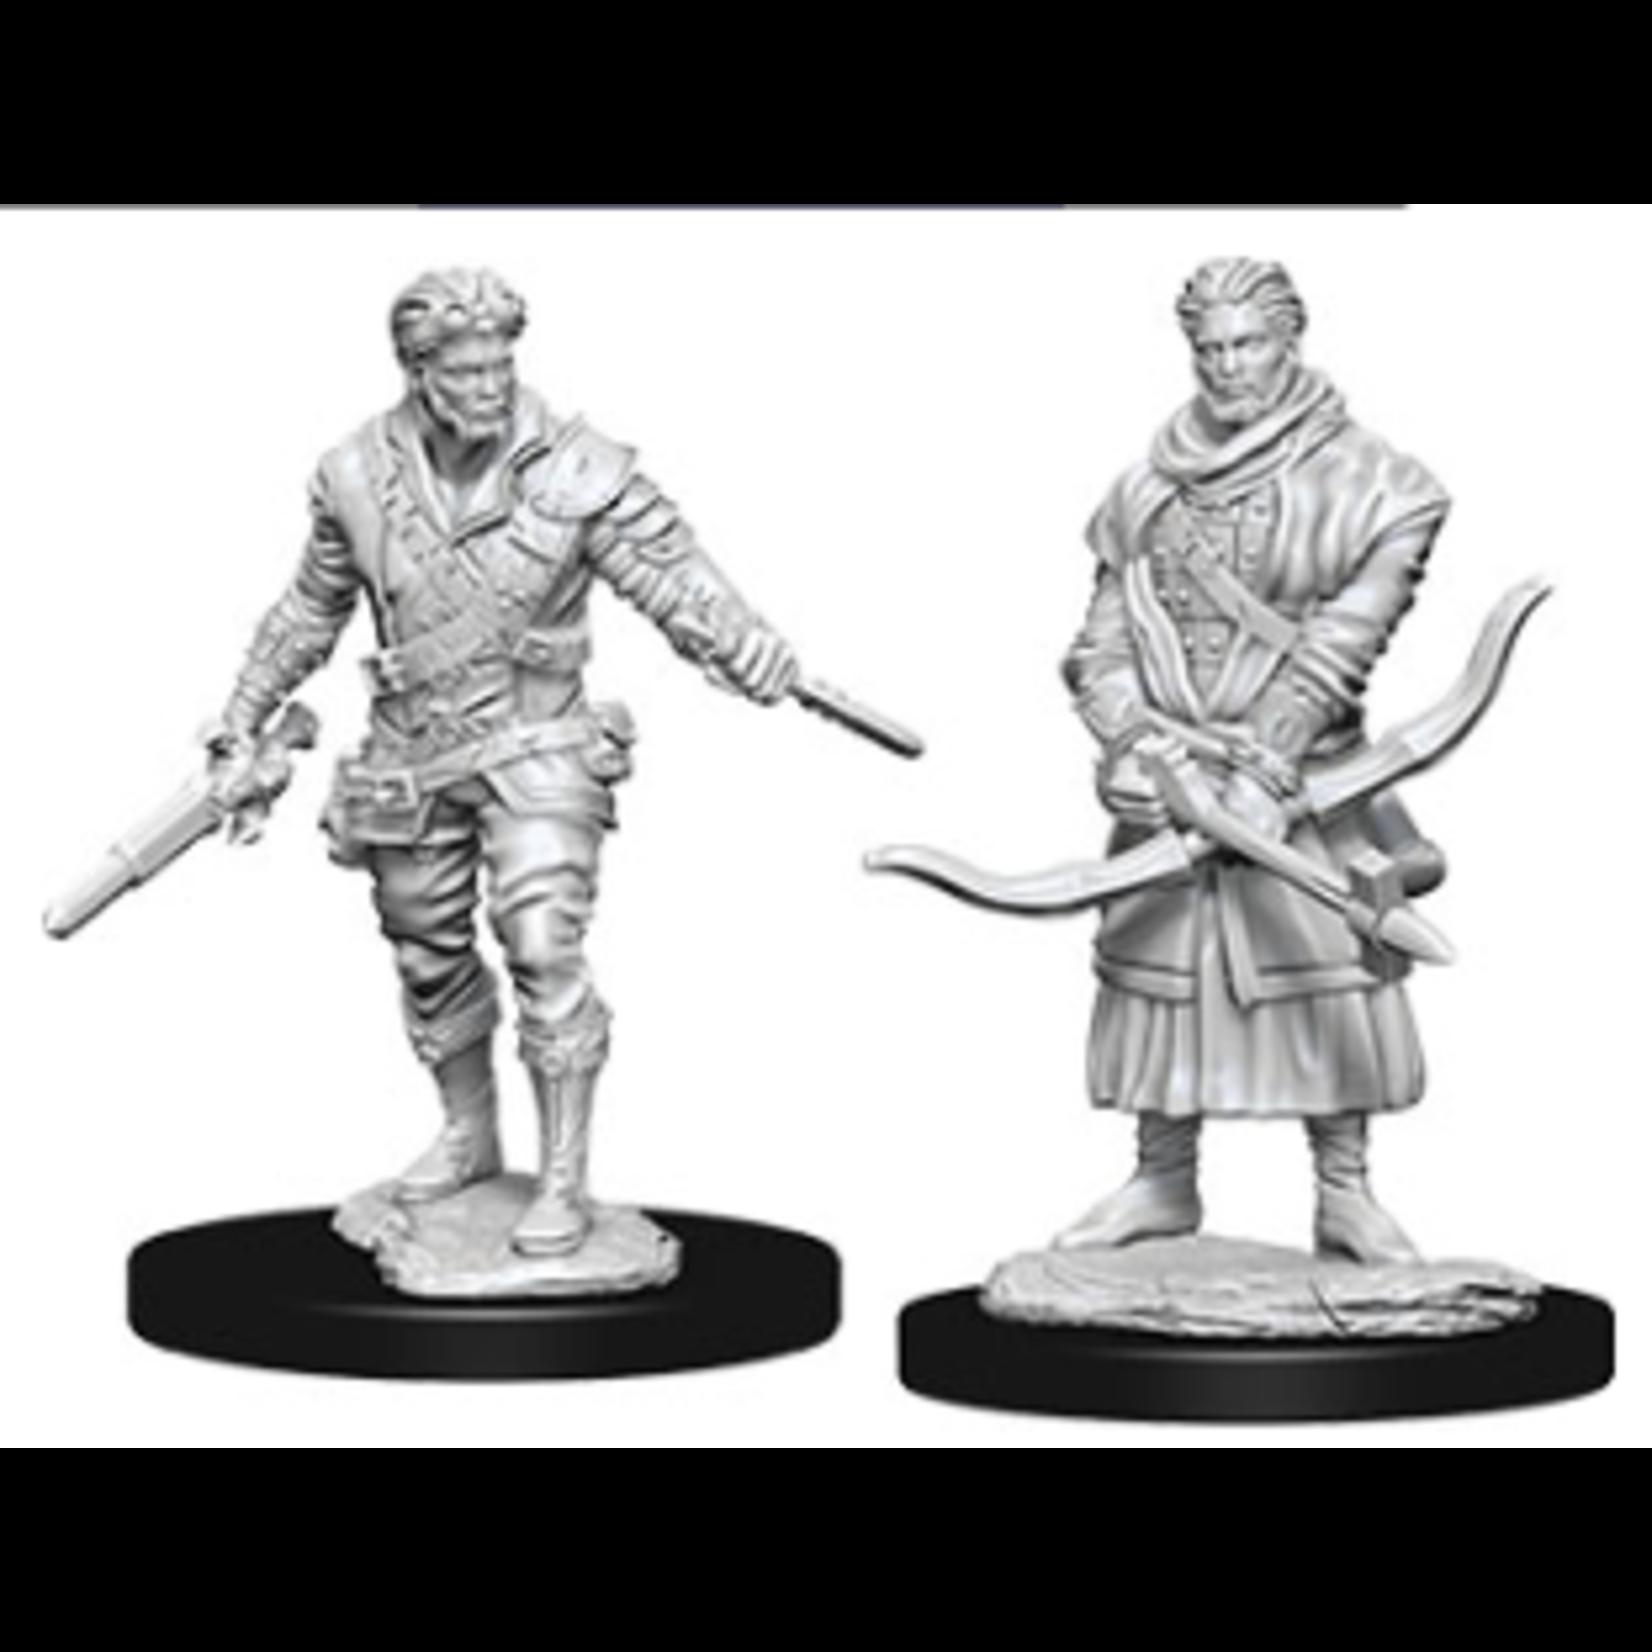 WizKids D&D Nolzur's Marvelous Miniatures: Human Male Rogue (W9)